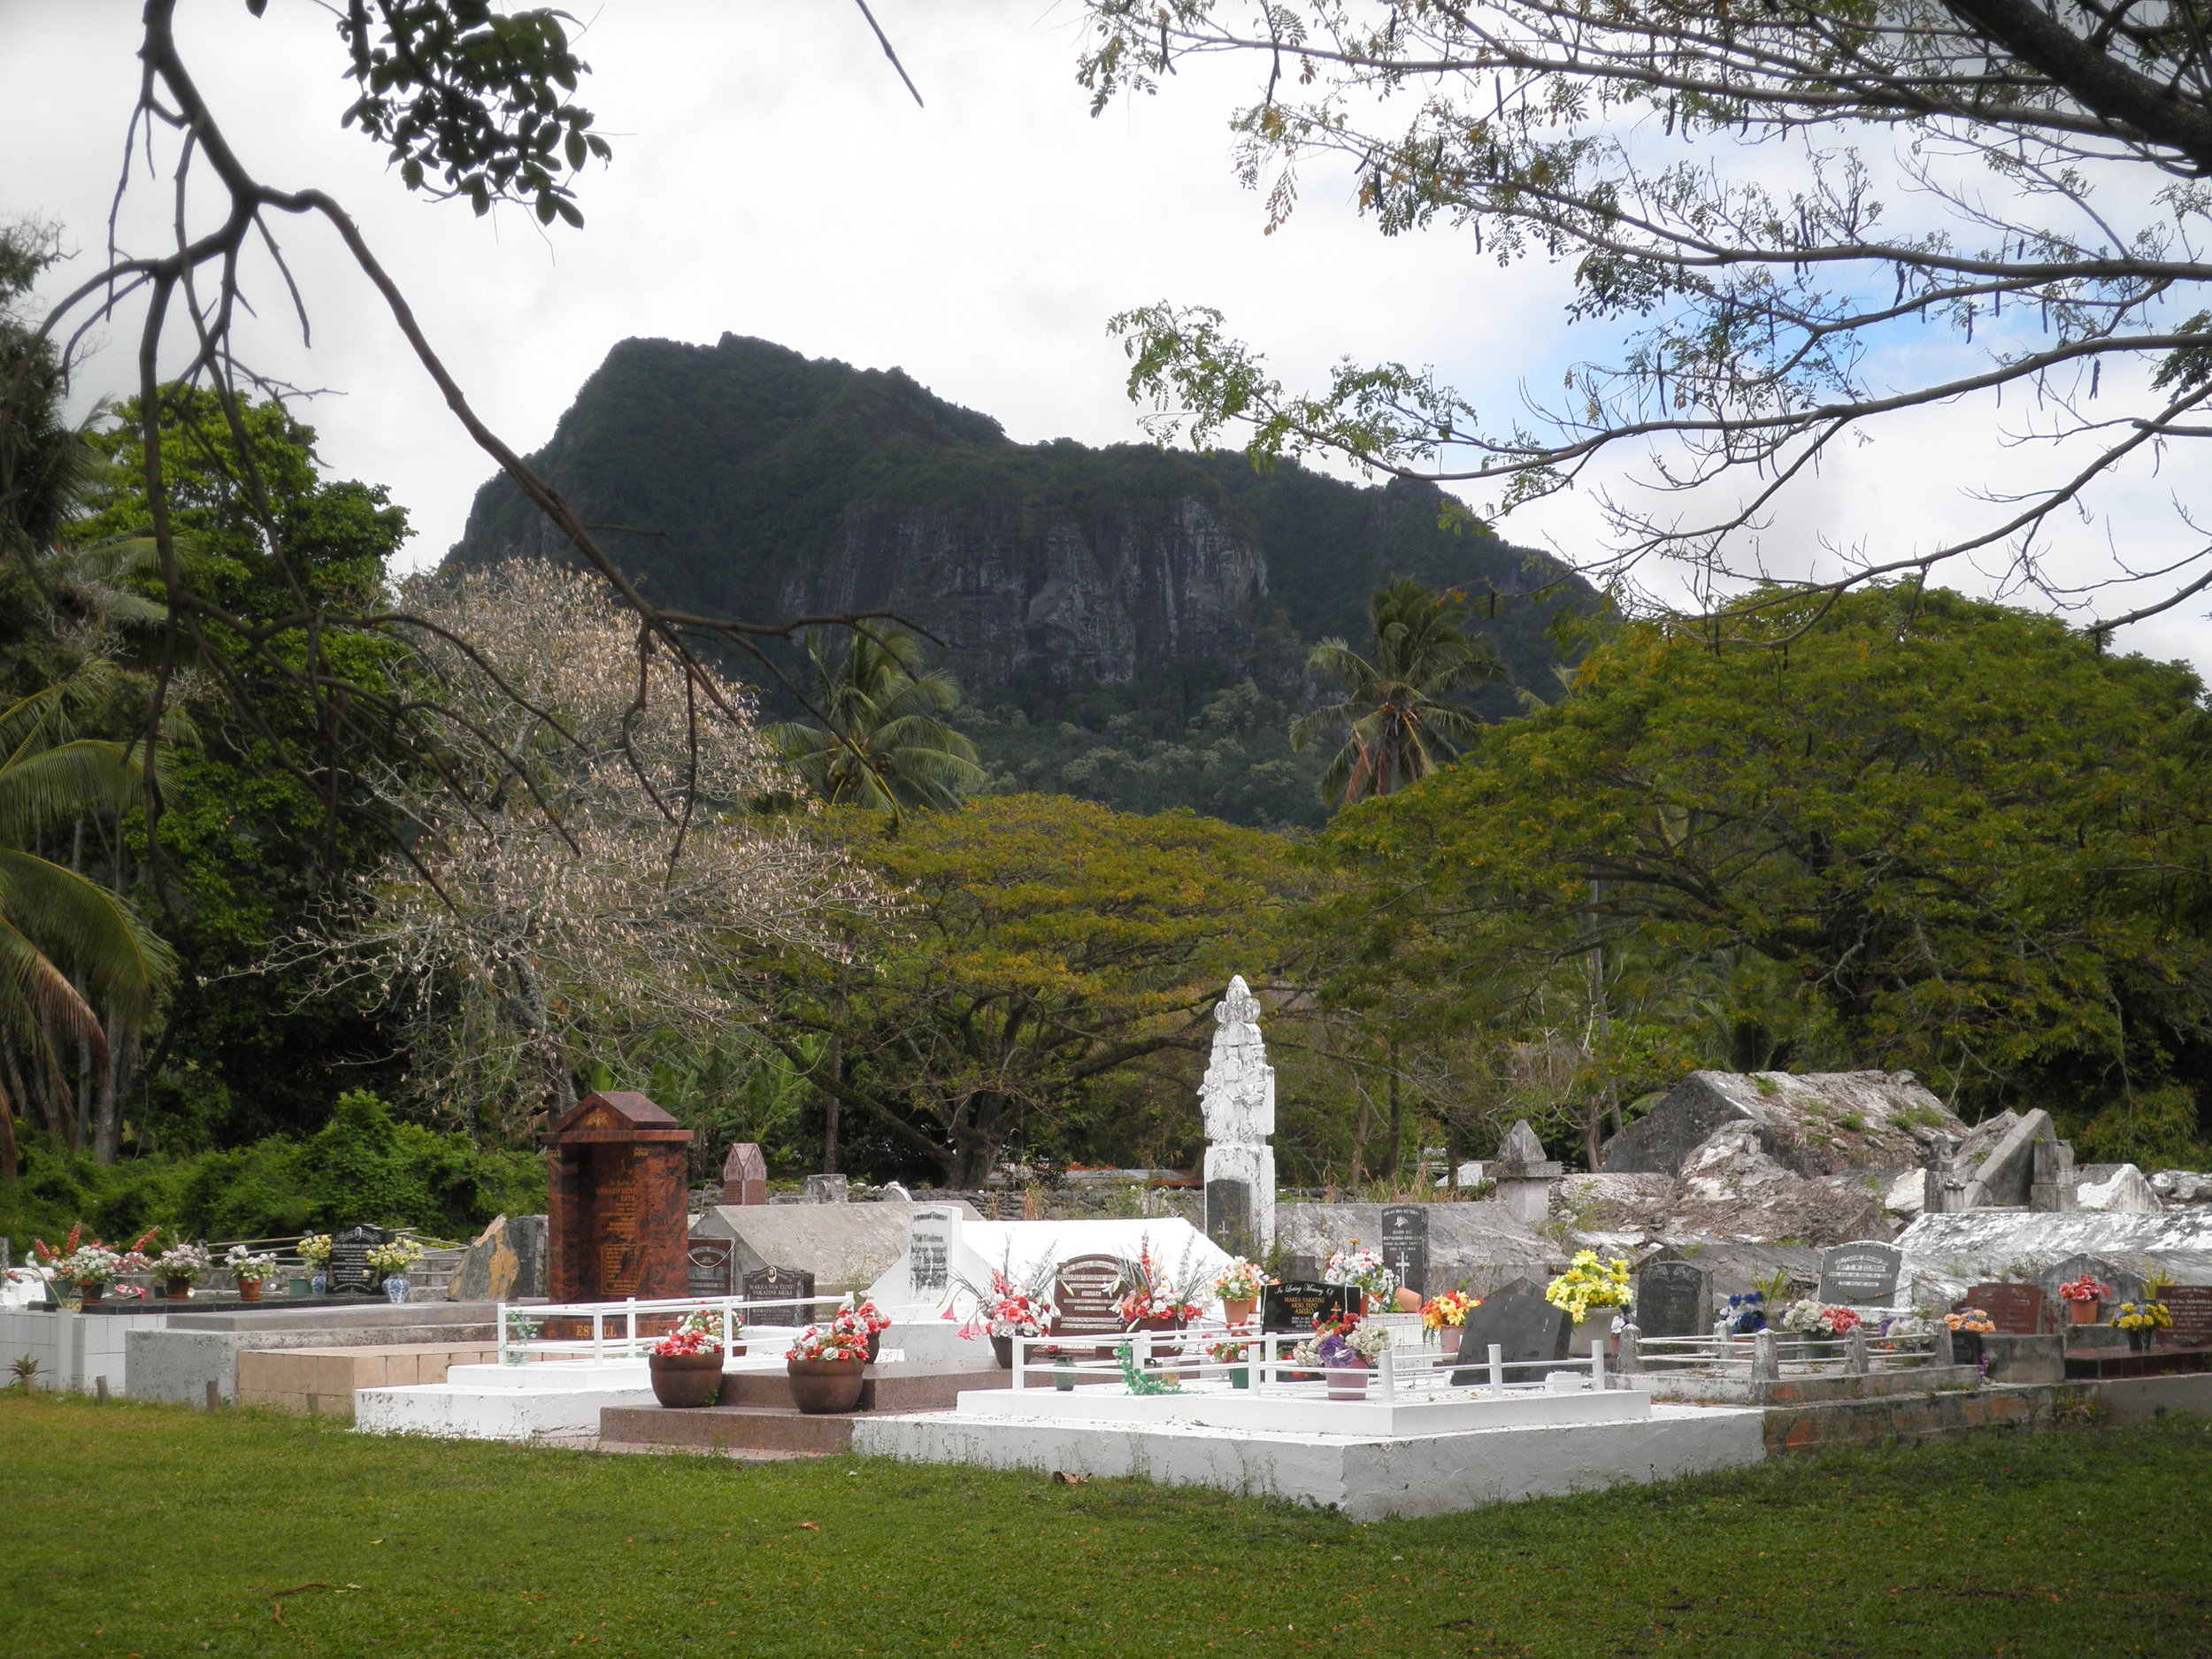 2011: RAROTONGA